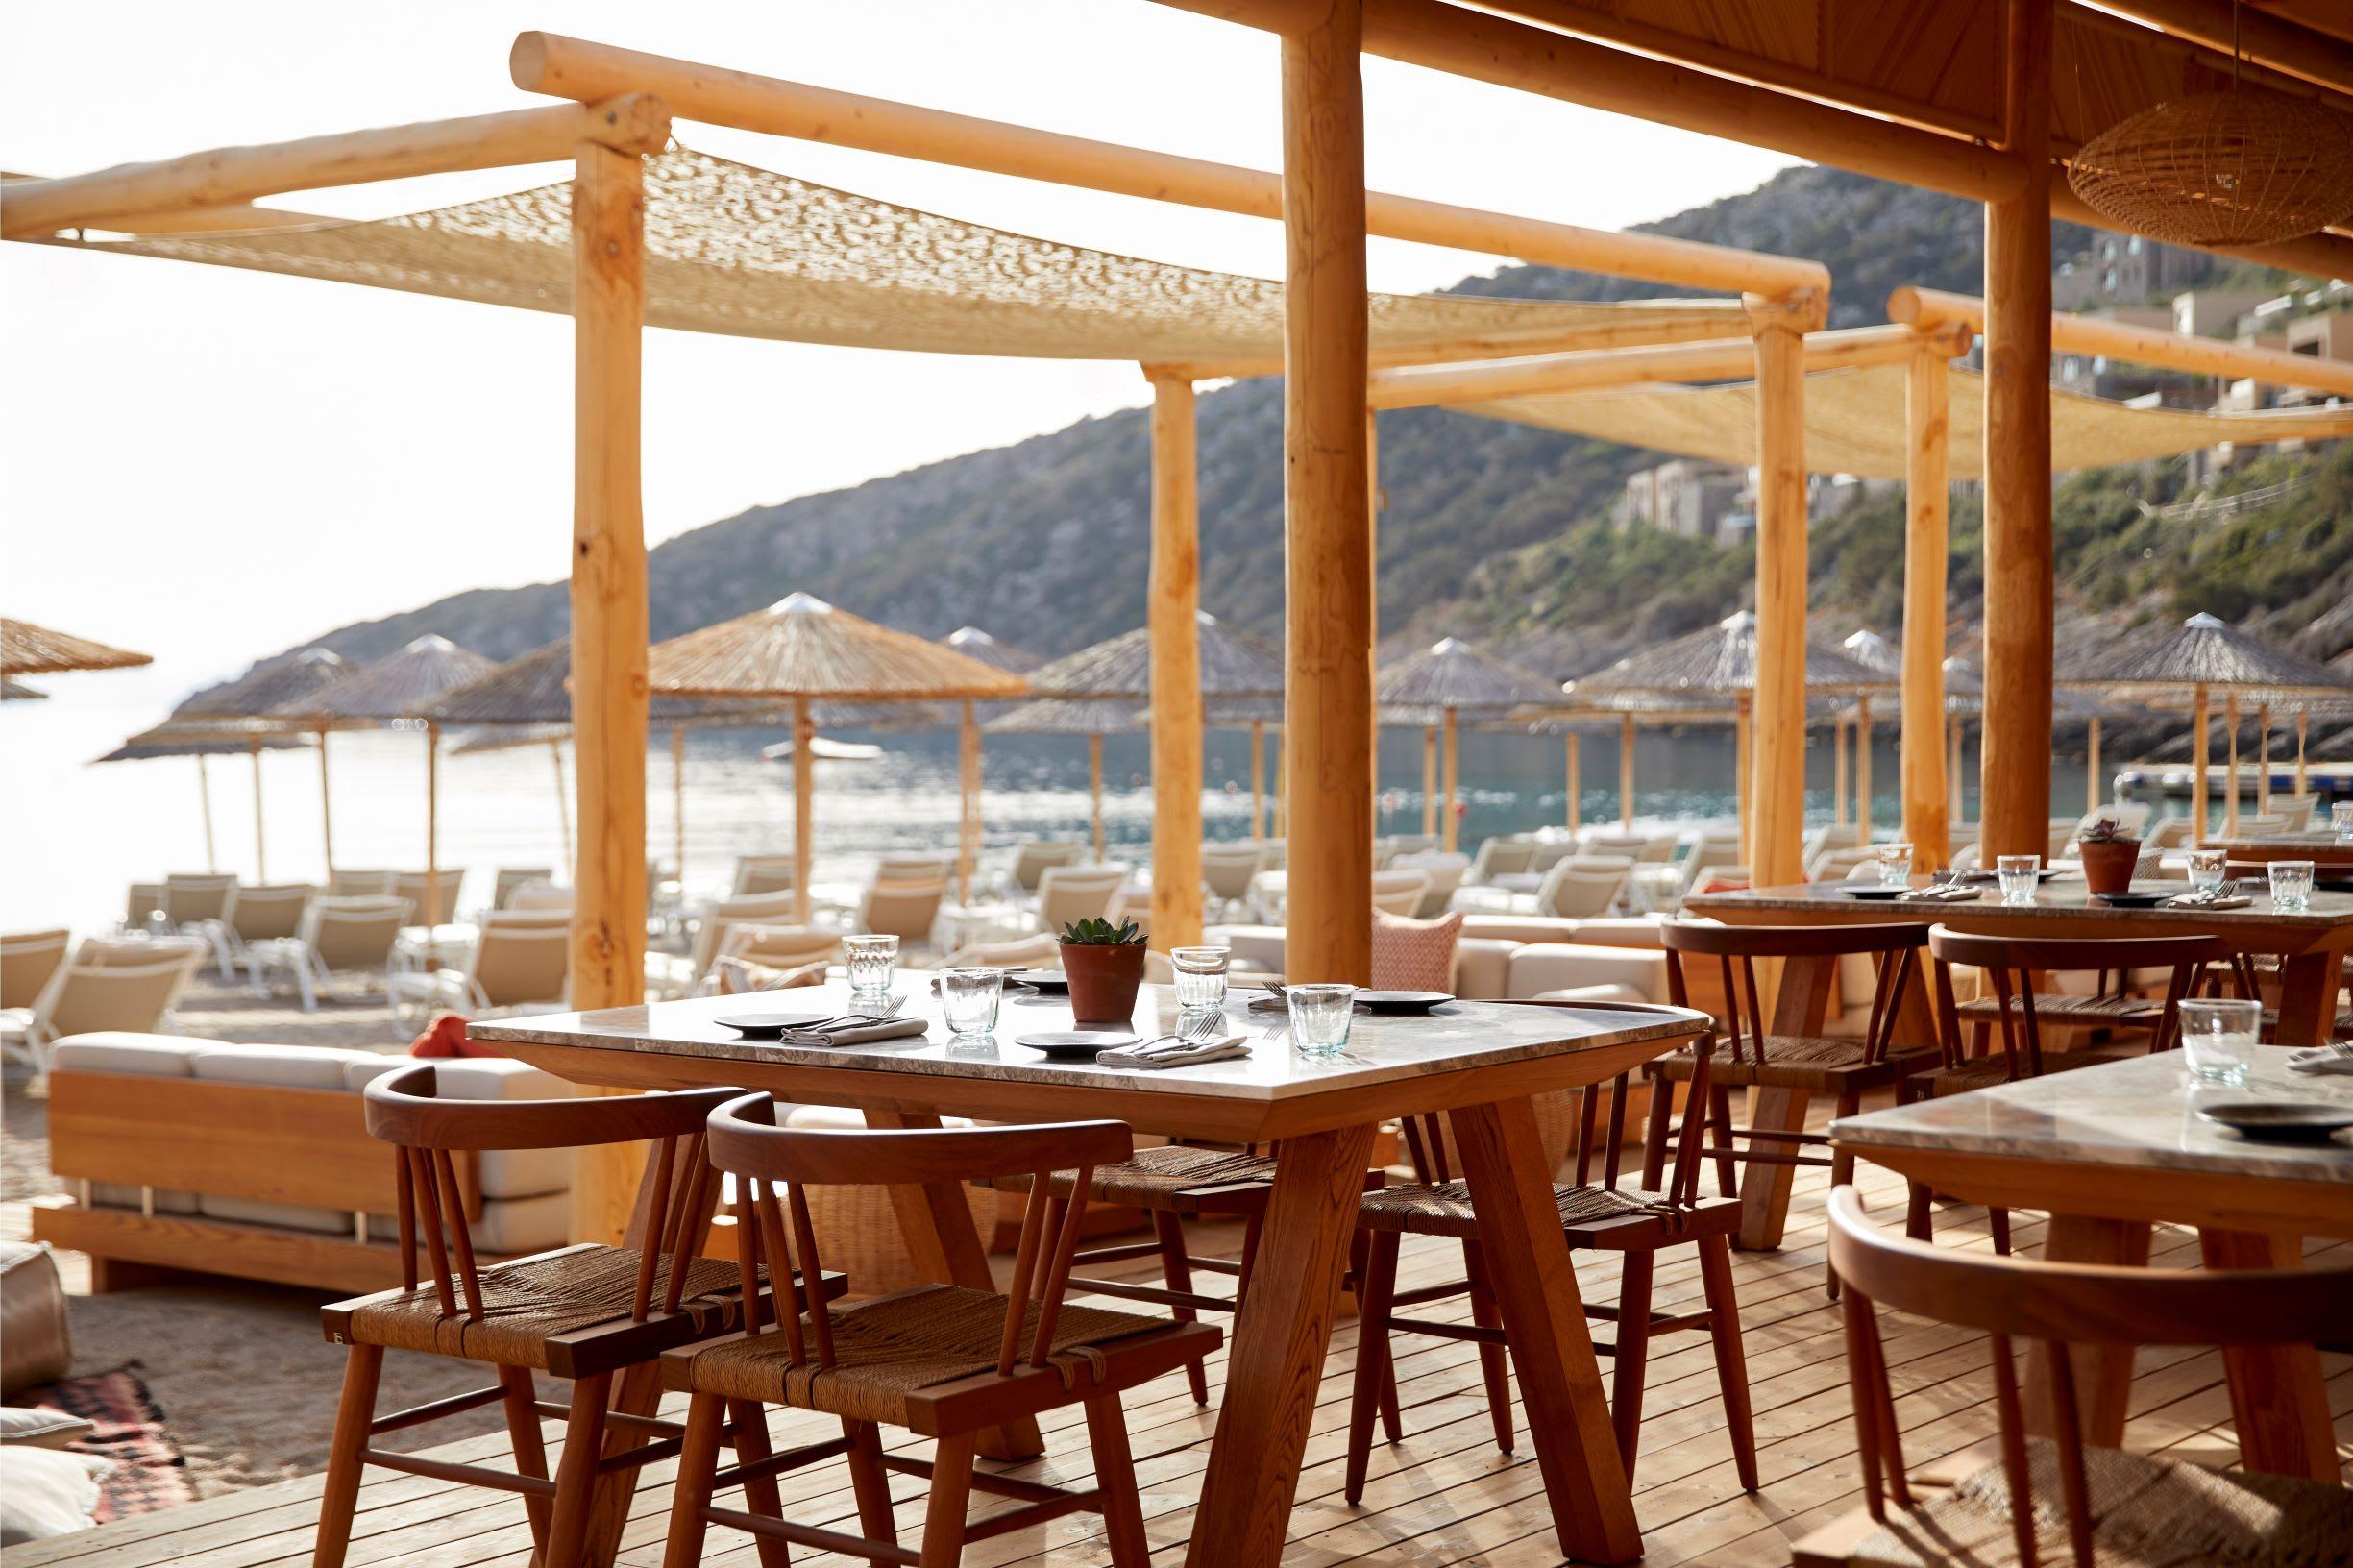 The Beach House Day Restaurant